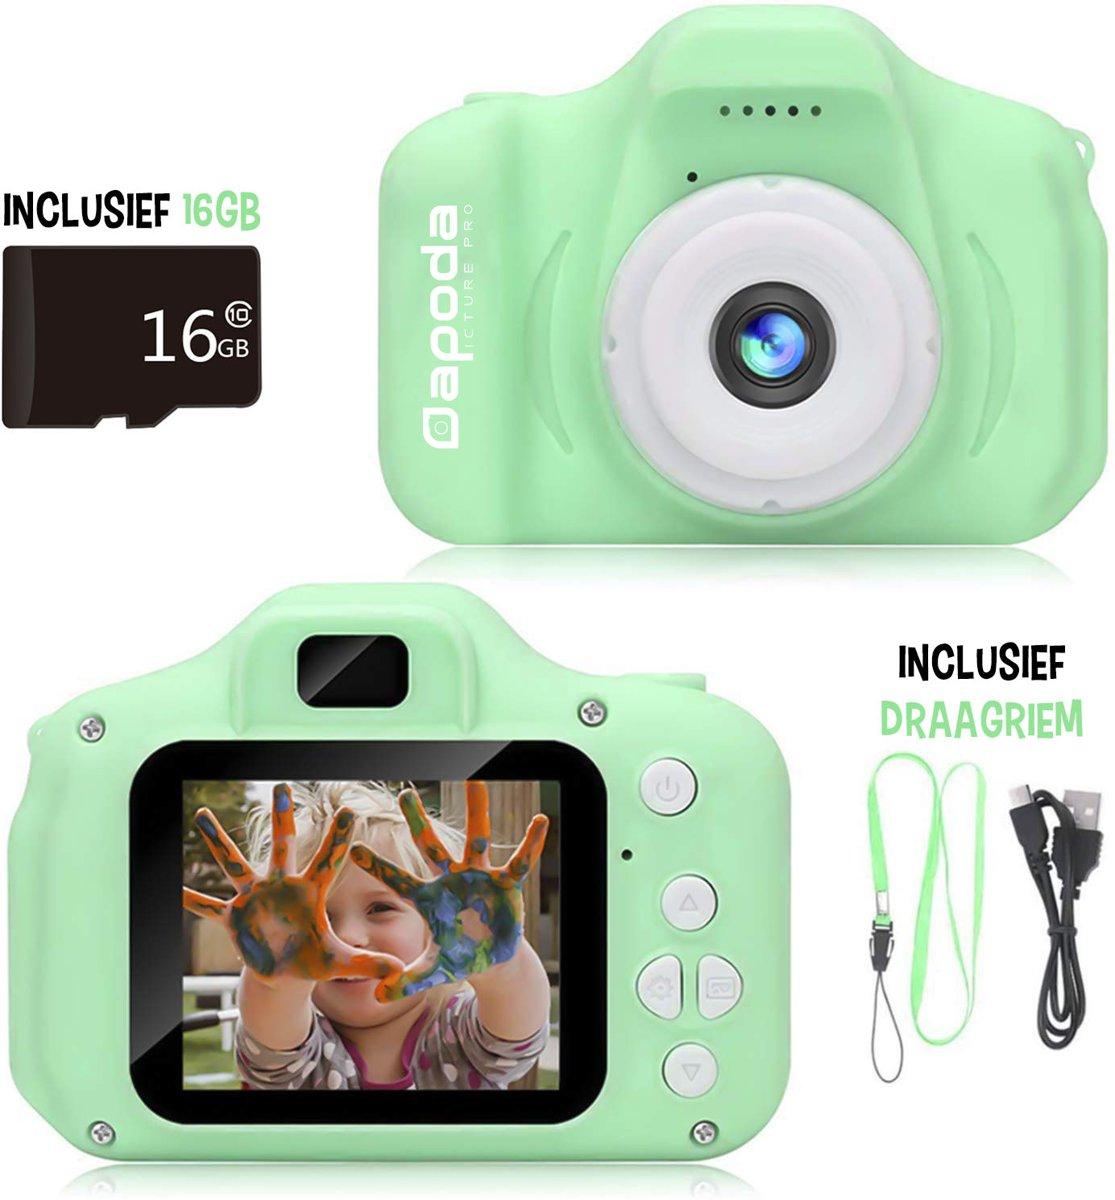 Dapoda� Digitale Kindercamera � Compact Fototoestel voor Kinderen � Speelgoed - Groen